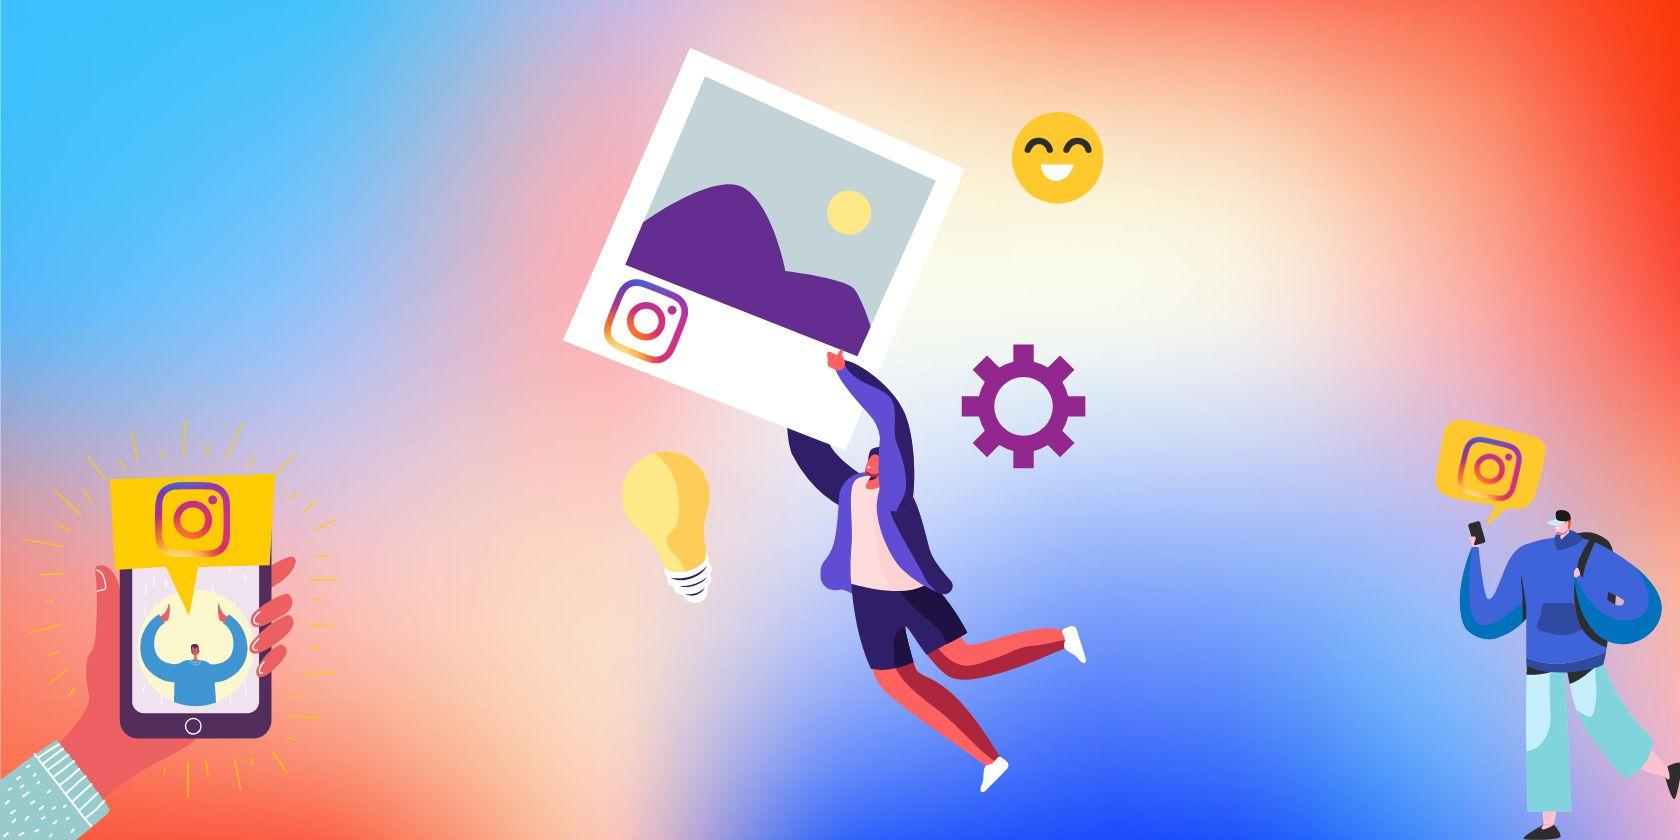 با این ترفندها کپشنهای جذاب و تاثیرگذار برای پستهای اینستاگرام بنویسید